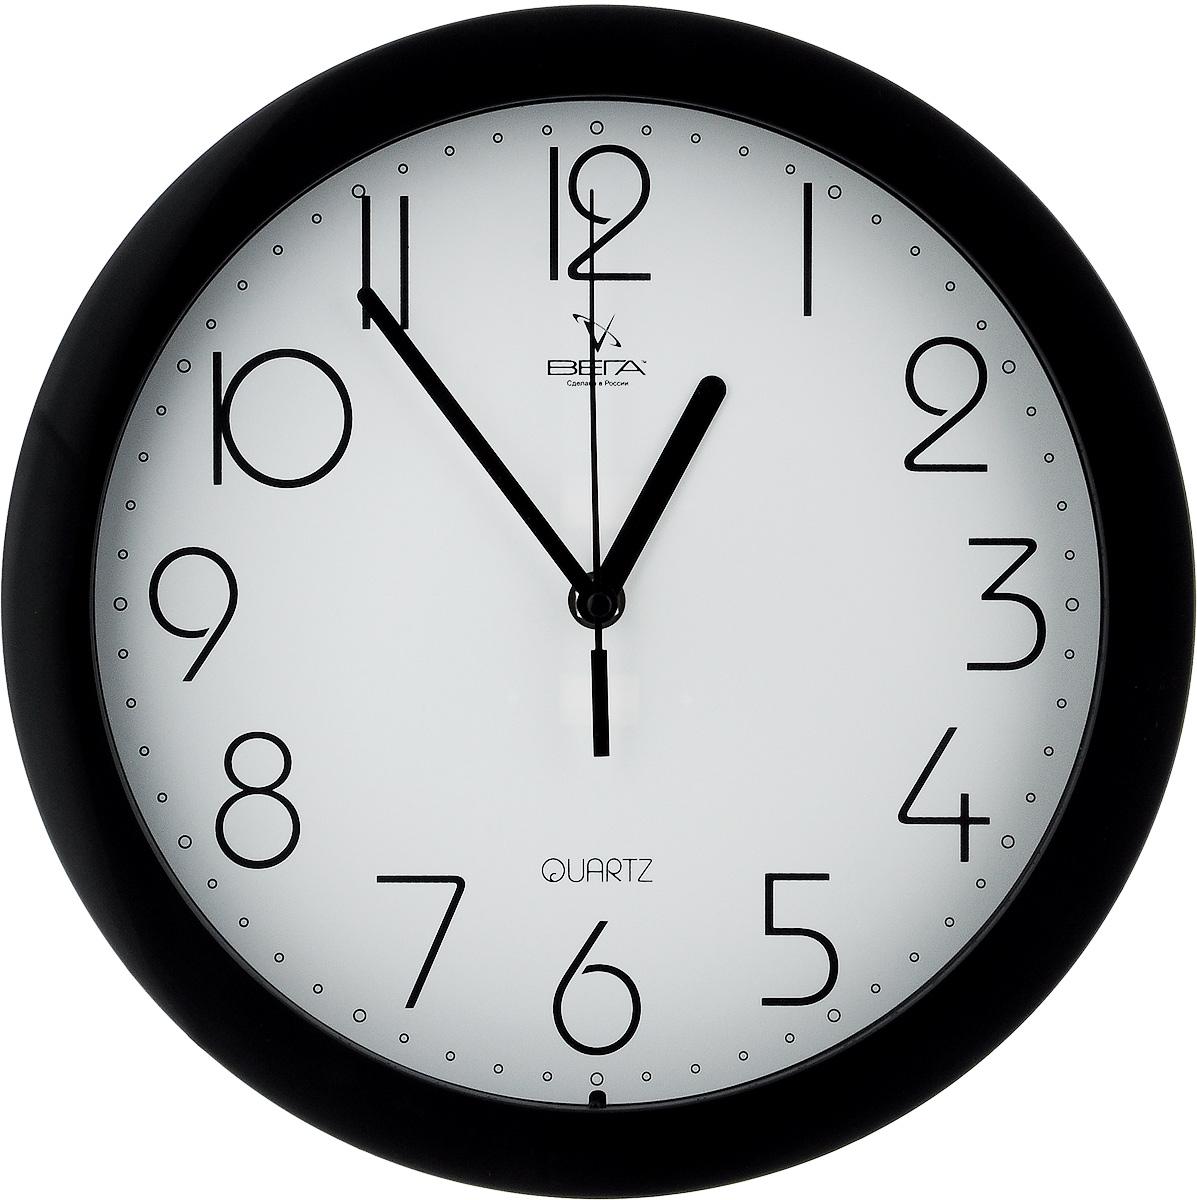 Часы настенные Вега Классика, цвет: черный, белый, диаметр 28,5 см. П1-6/6П1-6/6-4Настенные кварцевые часы Вега Классика, изготовленные из пластика, прекрасно впишутся в интерьер вашего дома. Круглые часы имеют три стрелки: часовую, минутную и секундную, циферблат защищен прозрачным стеклом. Часы работают от 1 батарейки типа АА напряжением 1,5 В (не входит в комплект). Диаметр часов: 28,5 см.